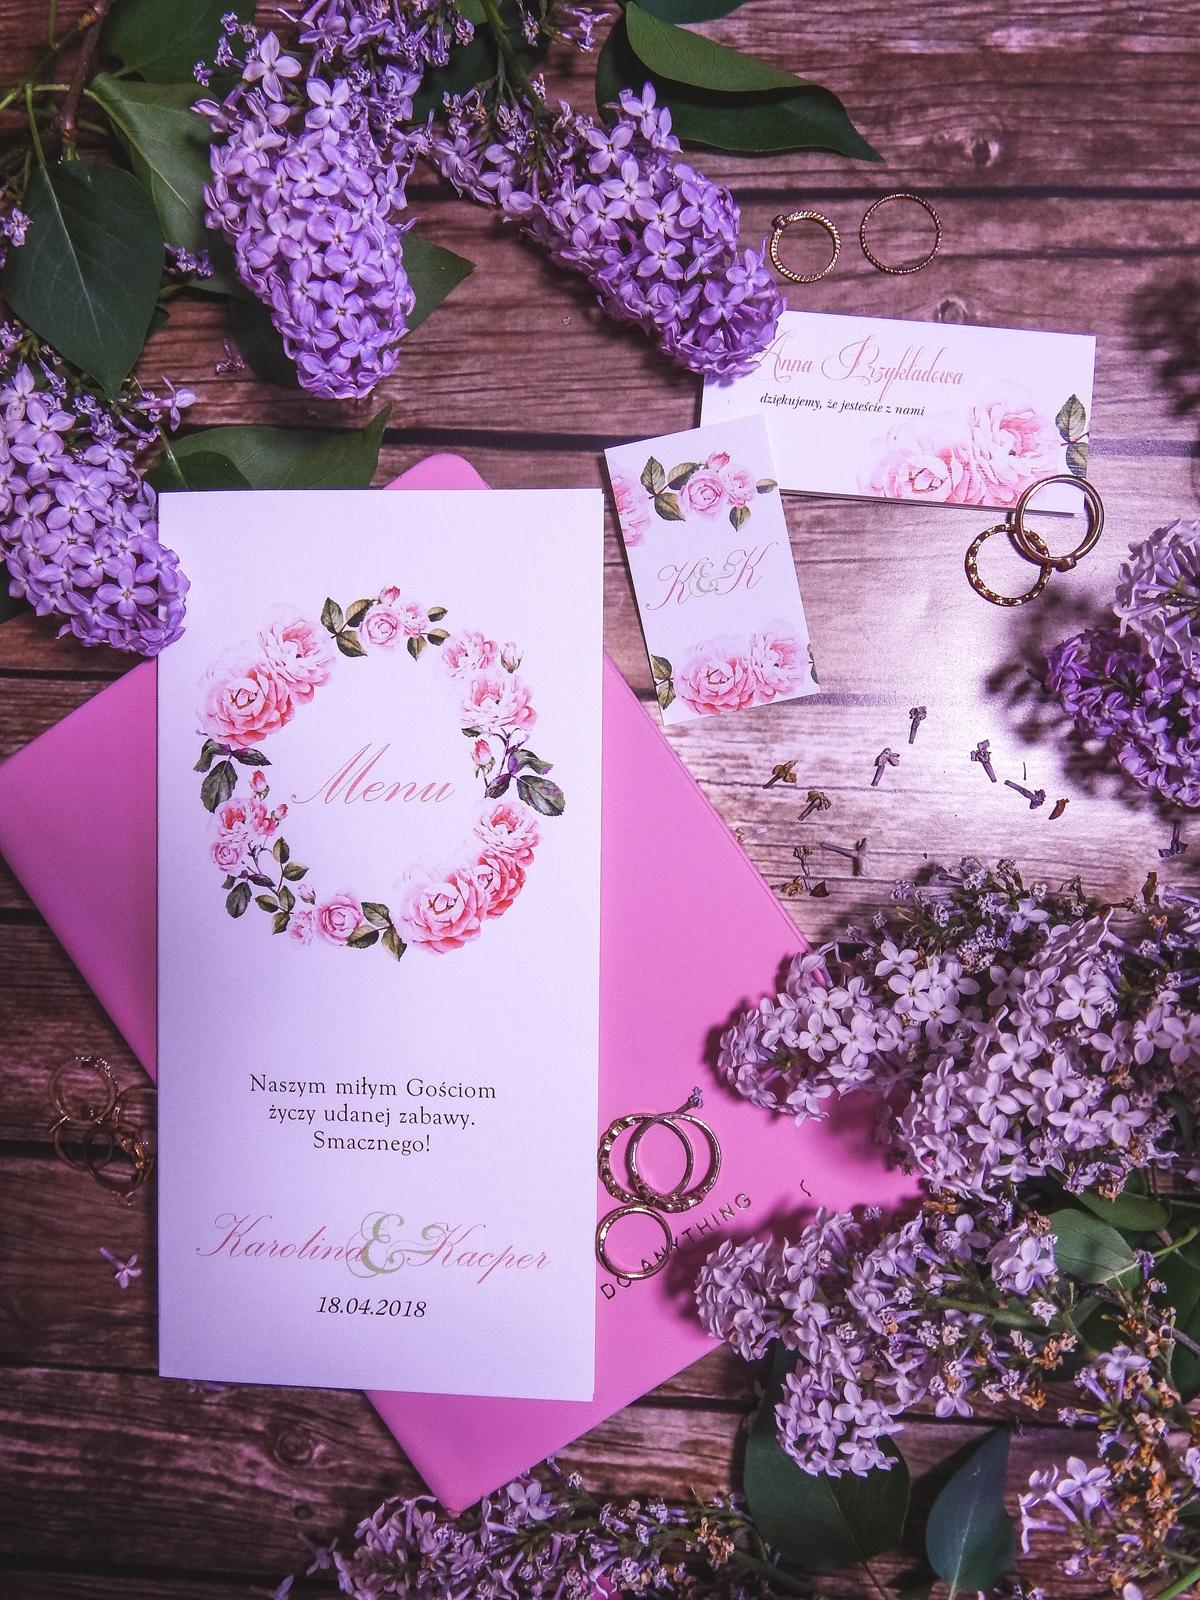 5 jak usadzić goście na weselu zasady rozsadzania gości jak dobrać winietki menu numery na stoły weselne